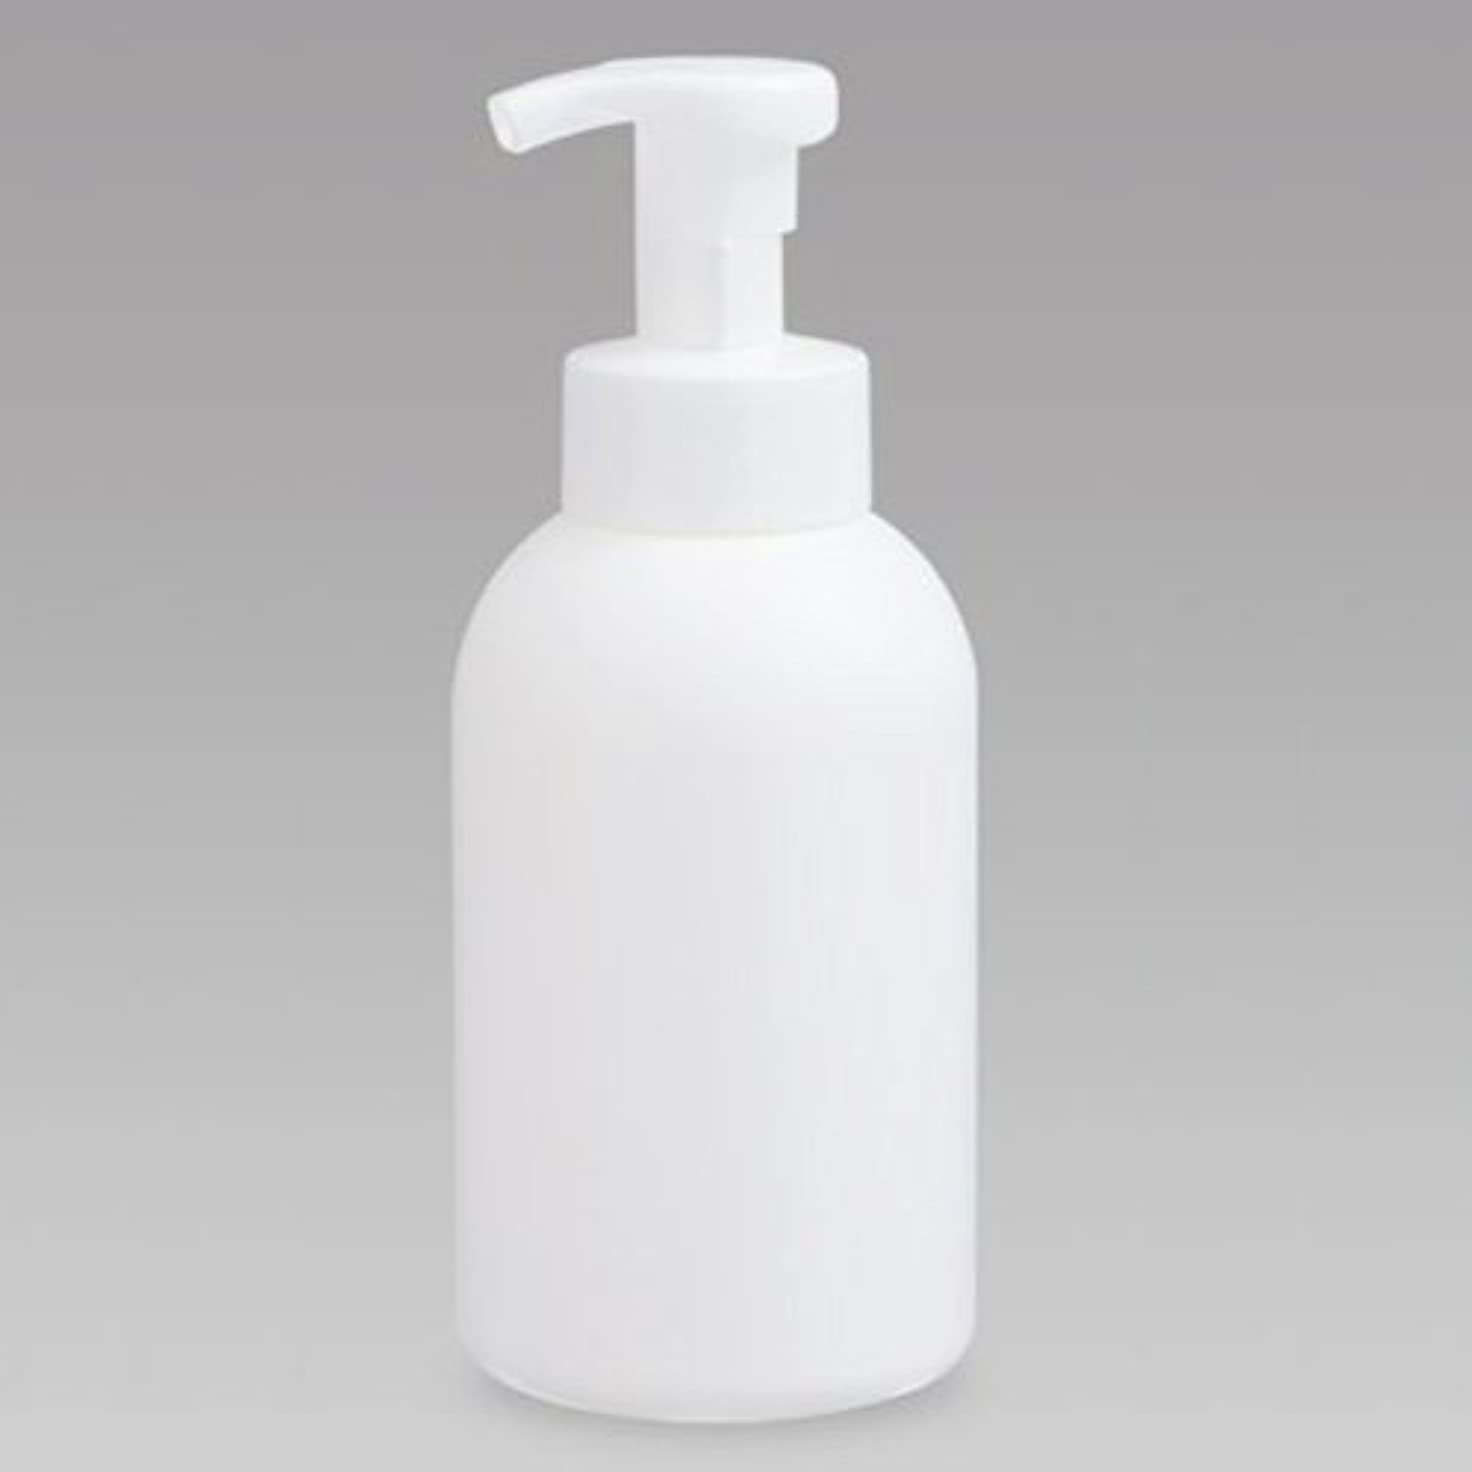 ホテルお気に入り入植者泡ボトル 泡ポンプボトル 500mL(PE) ホワイト 詰め替え 詰替 泡ハンドソープ 全身石鹸 ボディソープ 洗顔フォーム